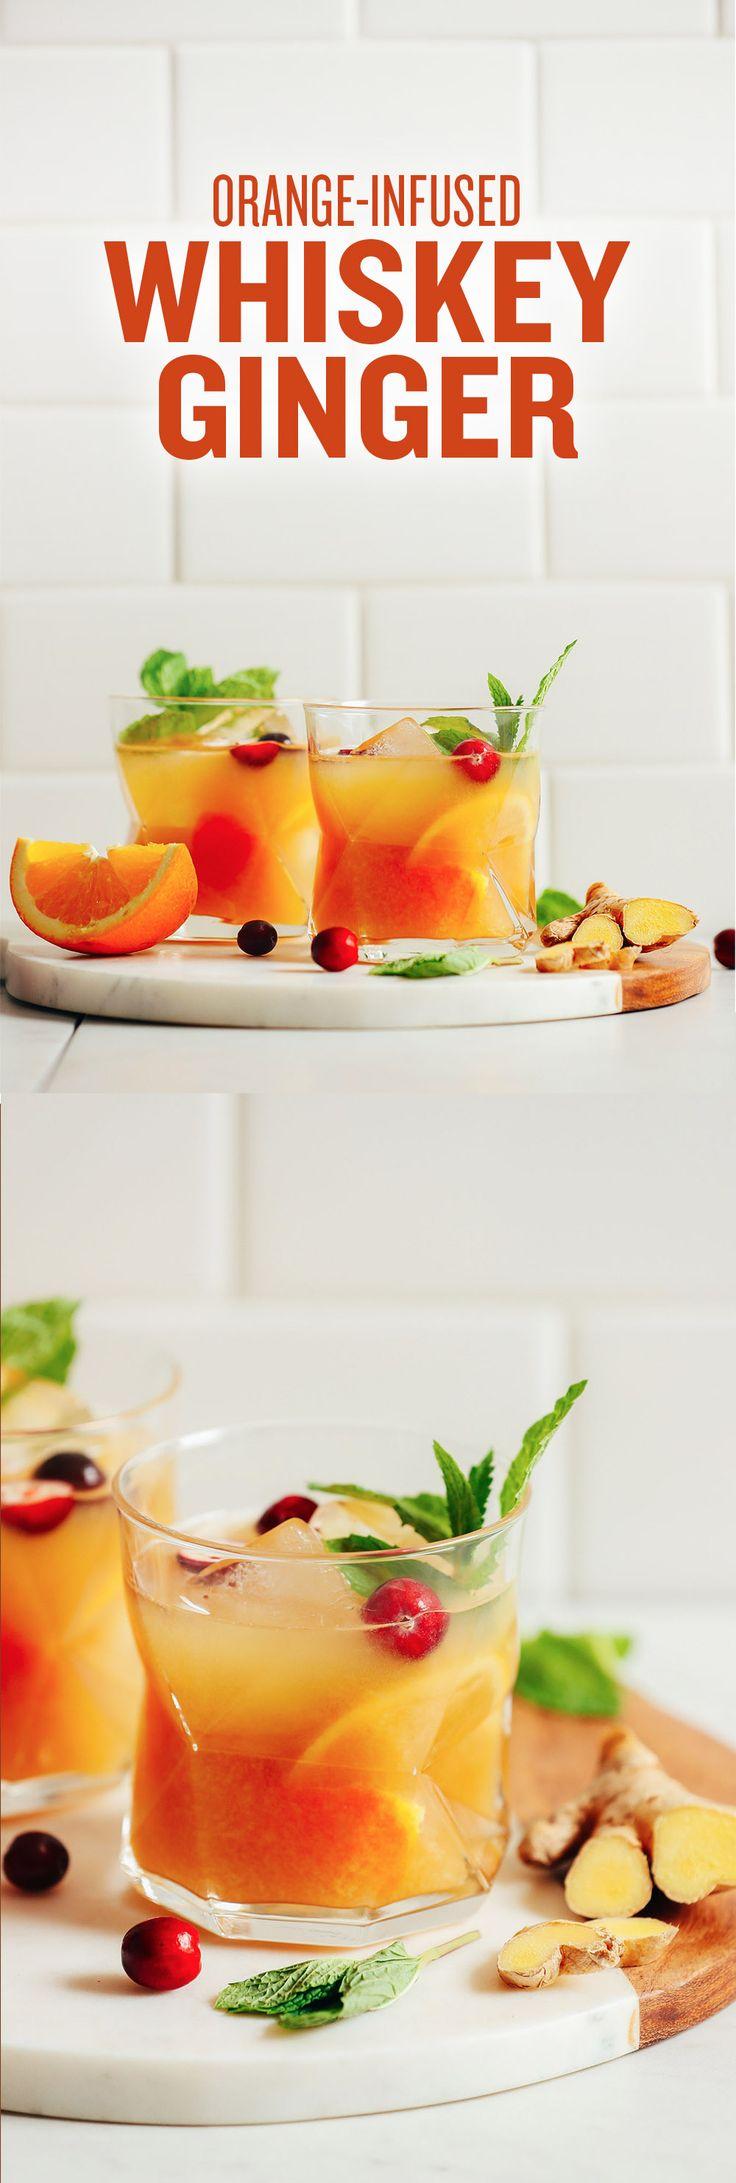 Orange infused whiskey ginger